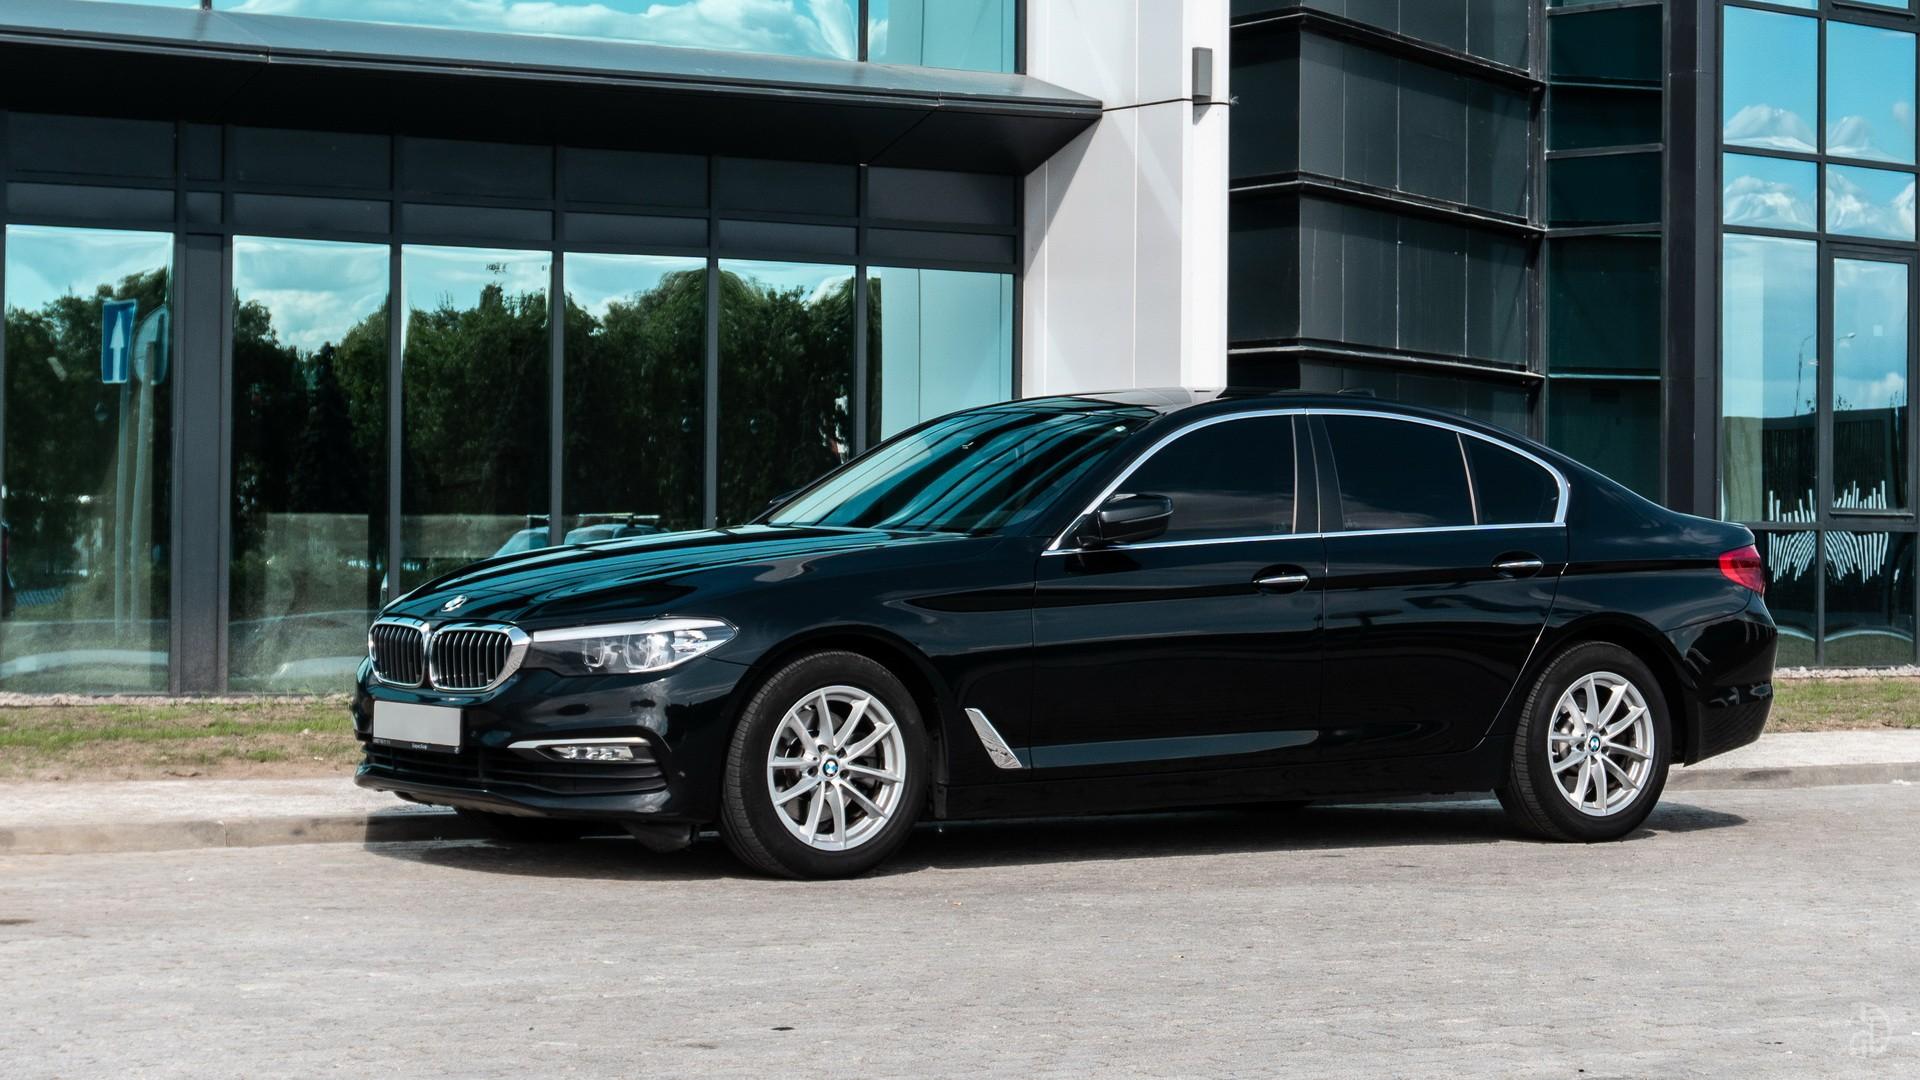 Аренда BMW 520d G30 в Москве. Фото 5